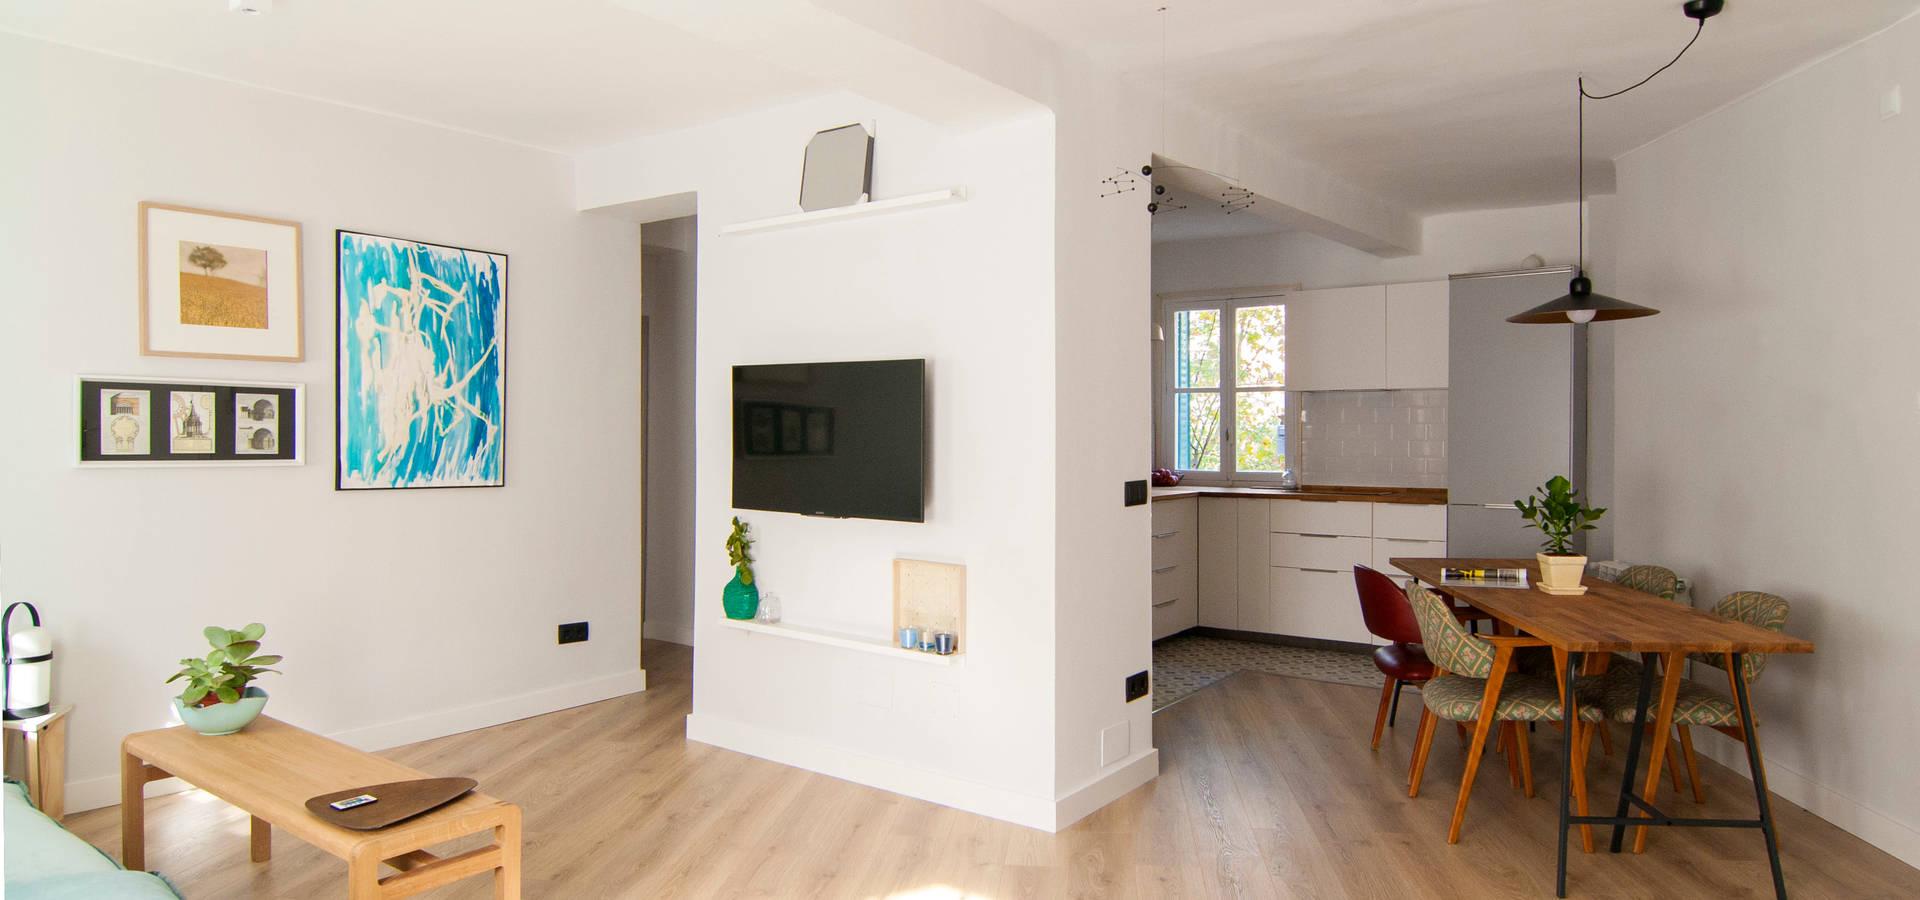 Emmme studio interior designer a madrid homify - Emmme studio ...